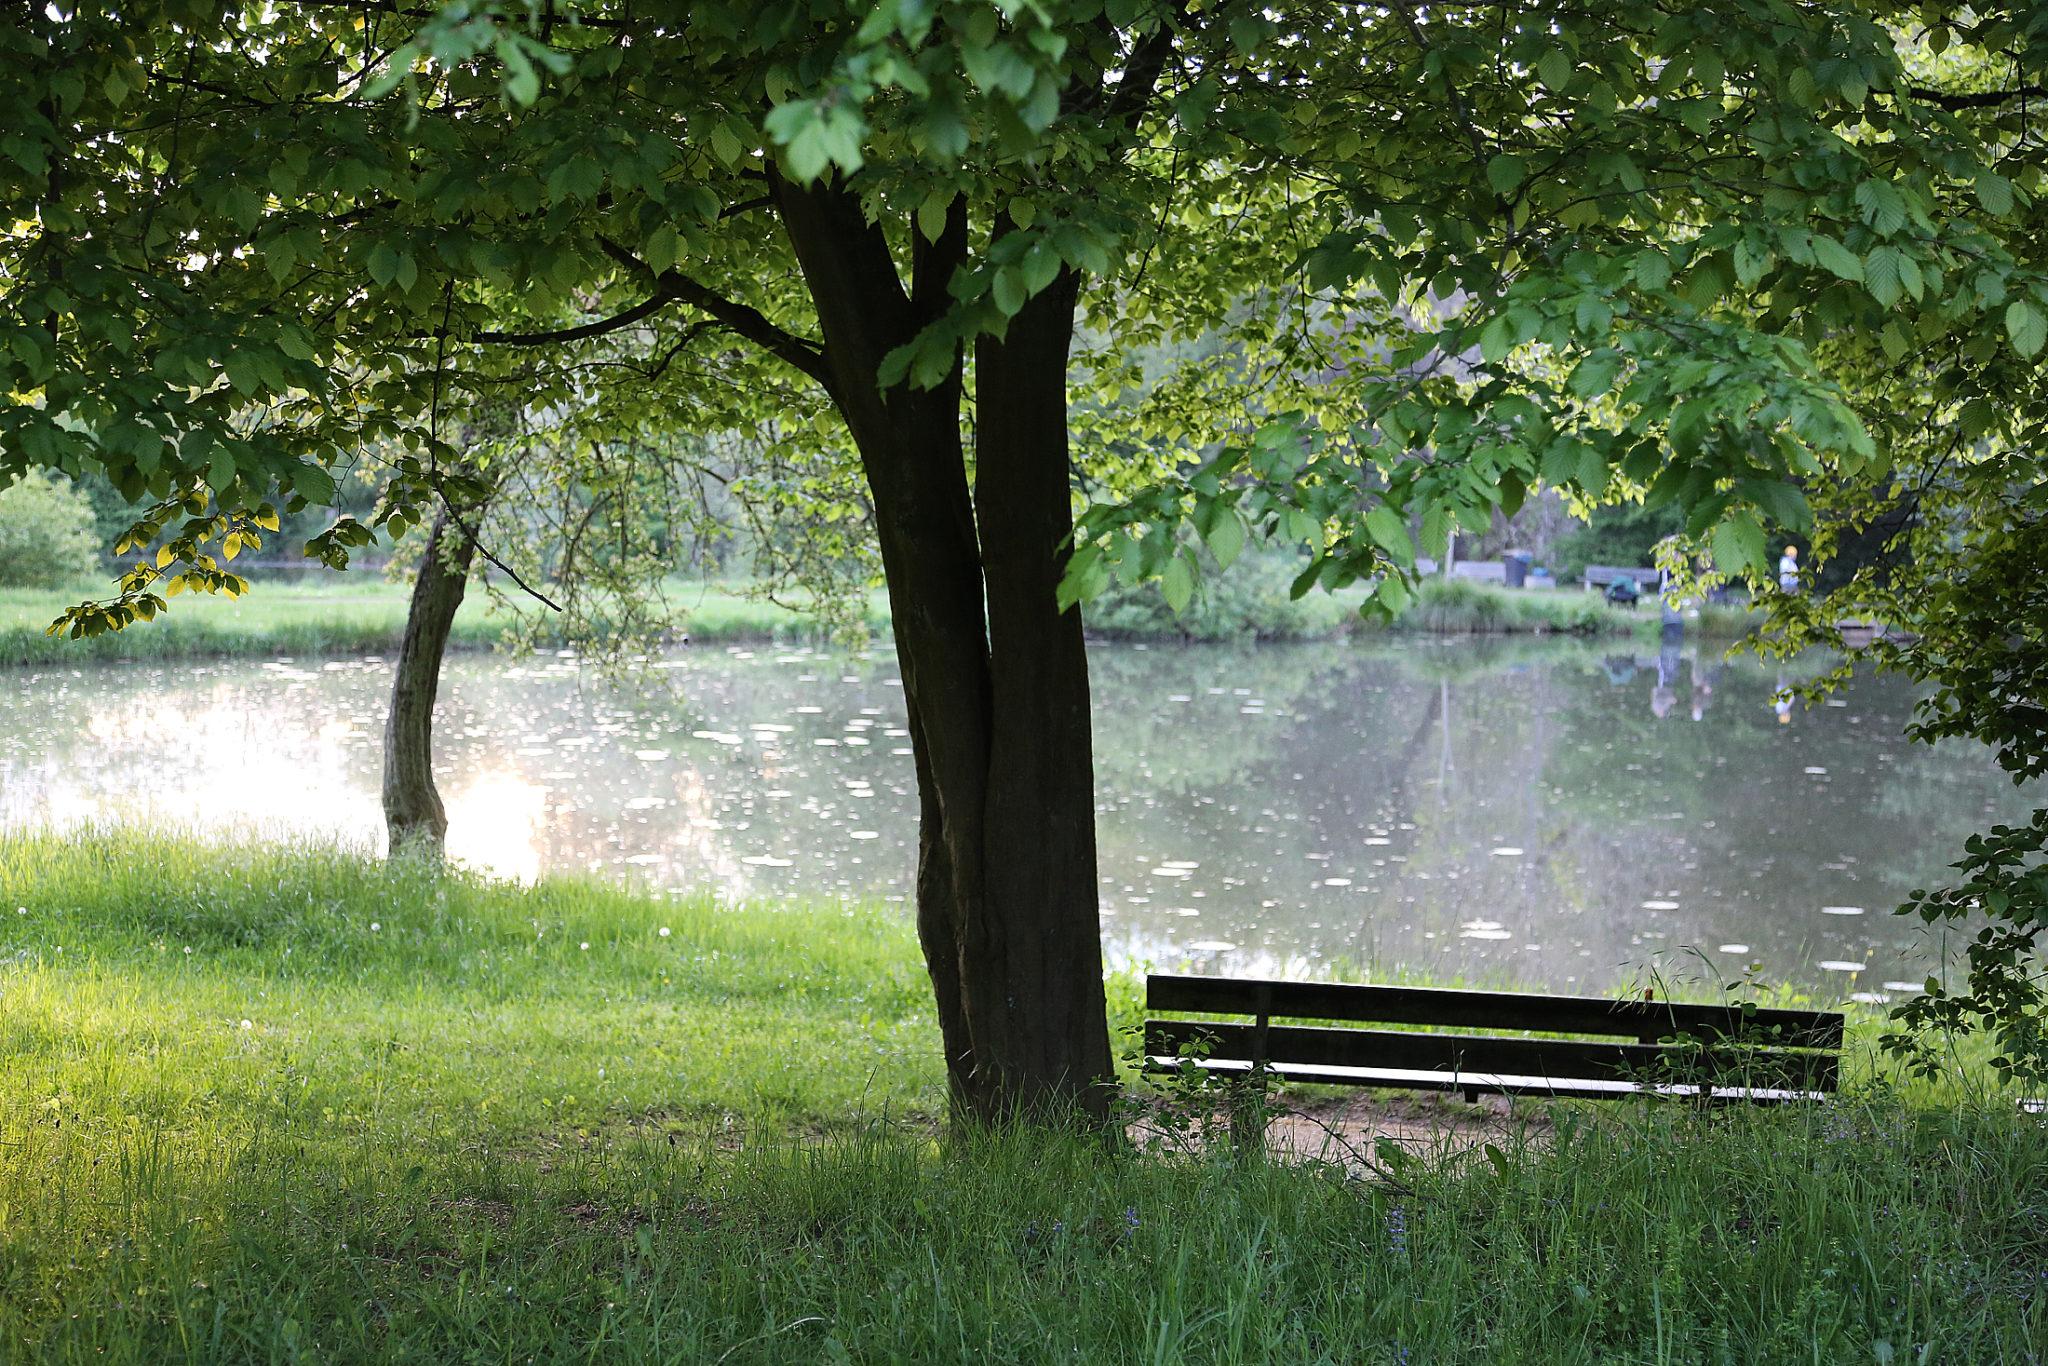 zu sehen ist einer der Fischweiher mit einem Baum und einer Bank im Vordergrund